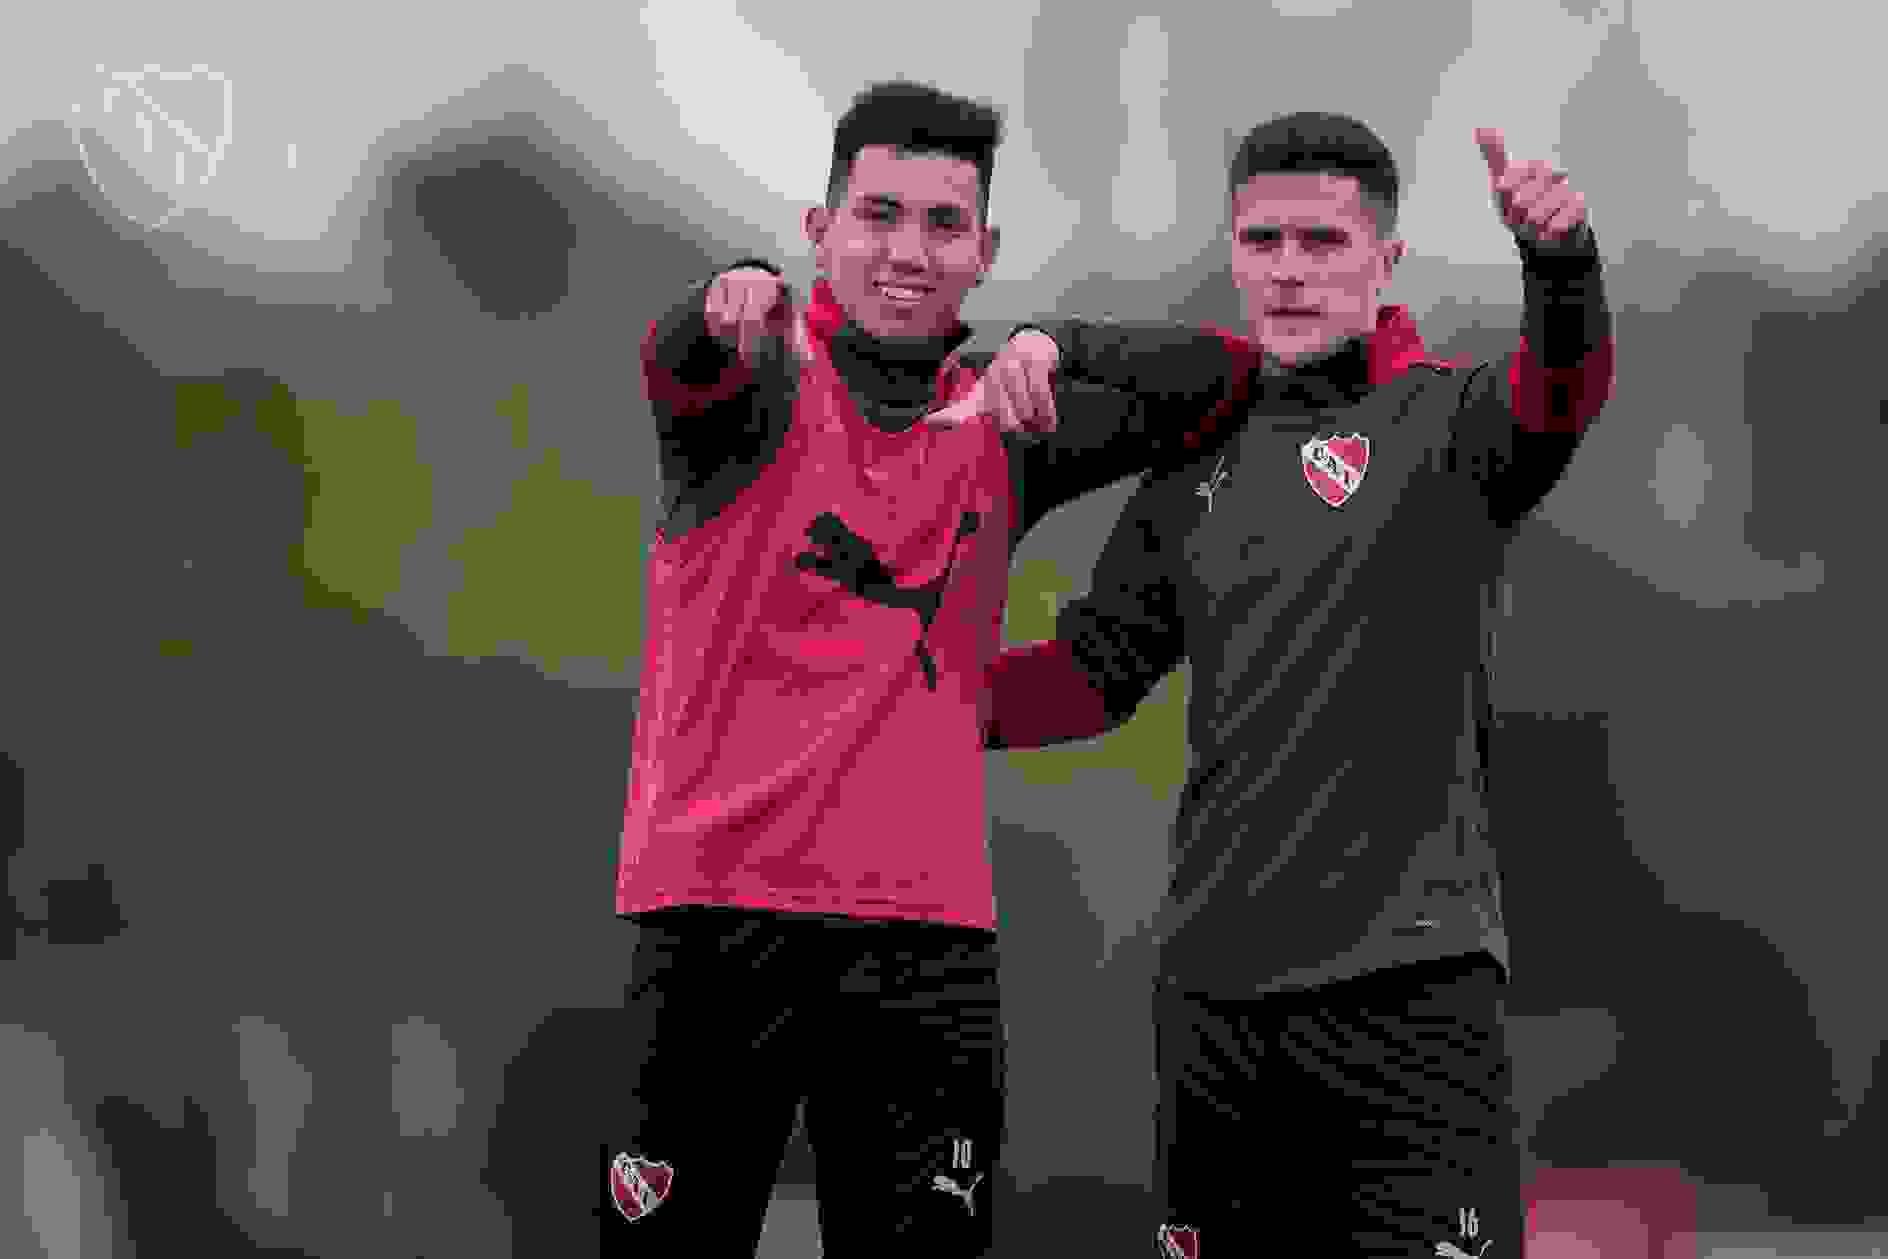 Tanto Alan Velasco como Fabricio Bustos serán titulares en el equipo que lidera Julio César Falcioni.